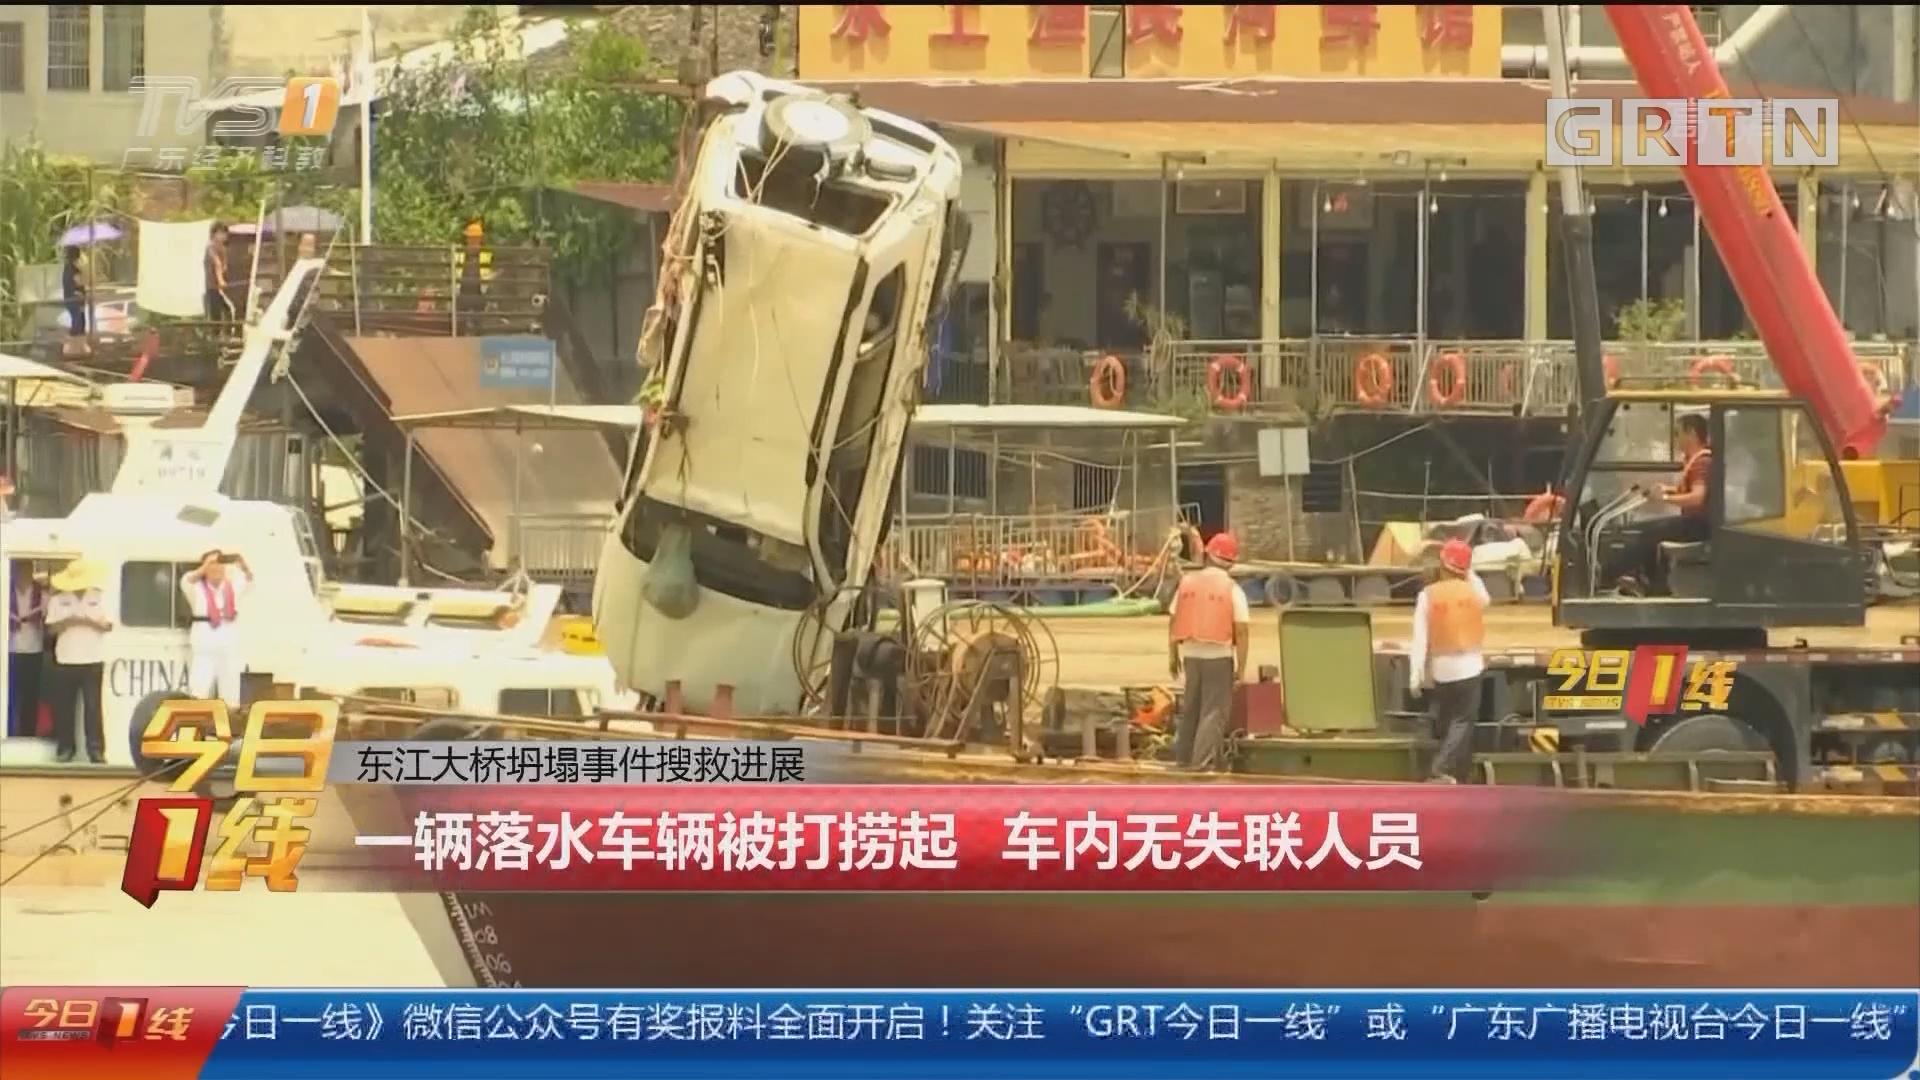 东江大桥坍塌事件搜救进展:一辆落水车辆被打捞起 车内无失联人员